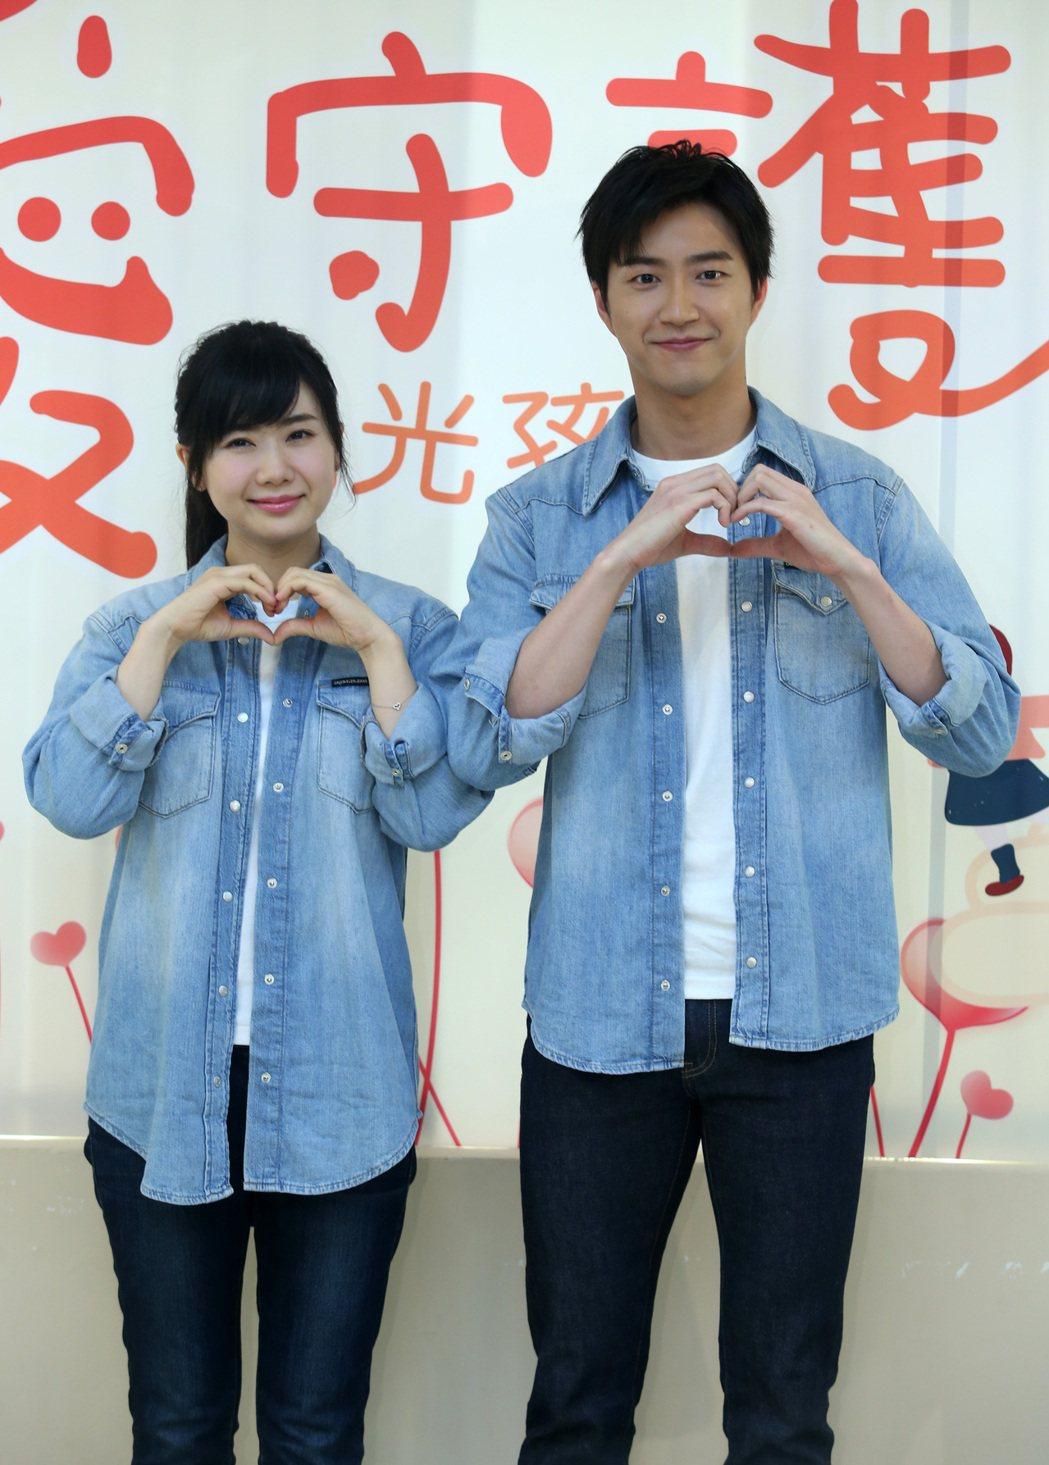 桌球界銀色夫妻江宏傑、福原愛婚變,引起台日媒體高度關注。本報資料照片